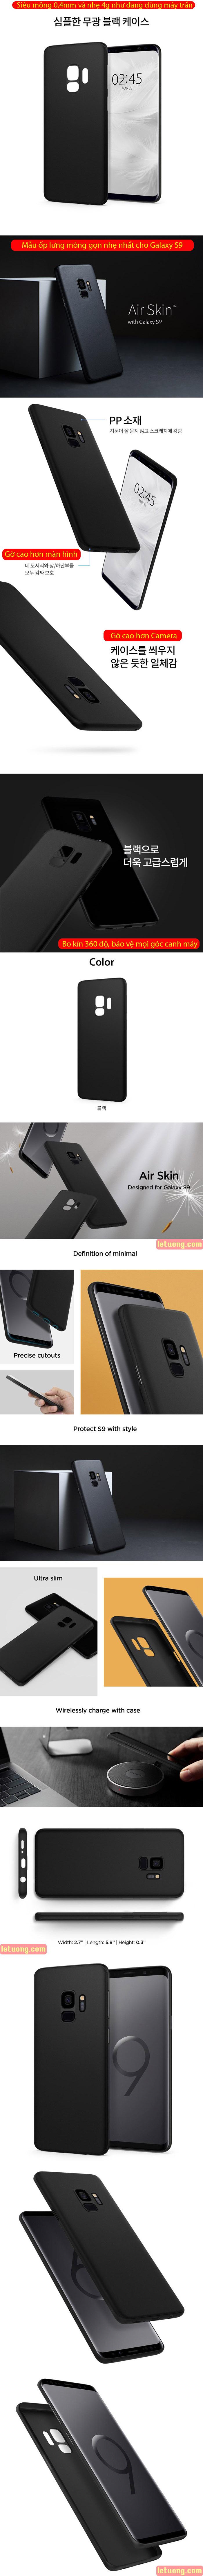 Ốp lưng Galaxy S9 Spigen Air Skin 0,4mm mỏng nhẹ nhất từ USA - tặng dán lưng Carbon 6